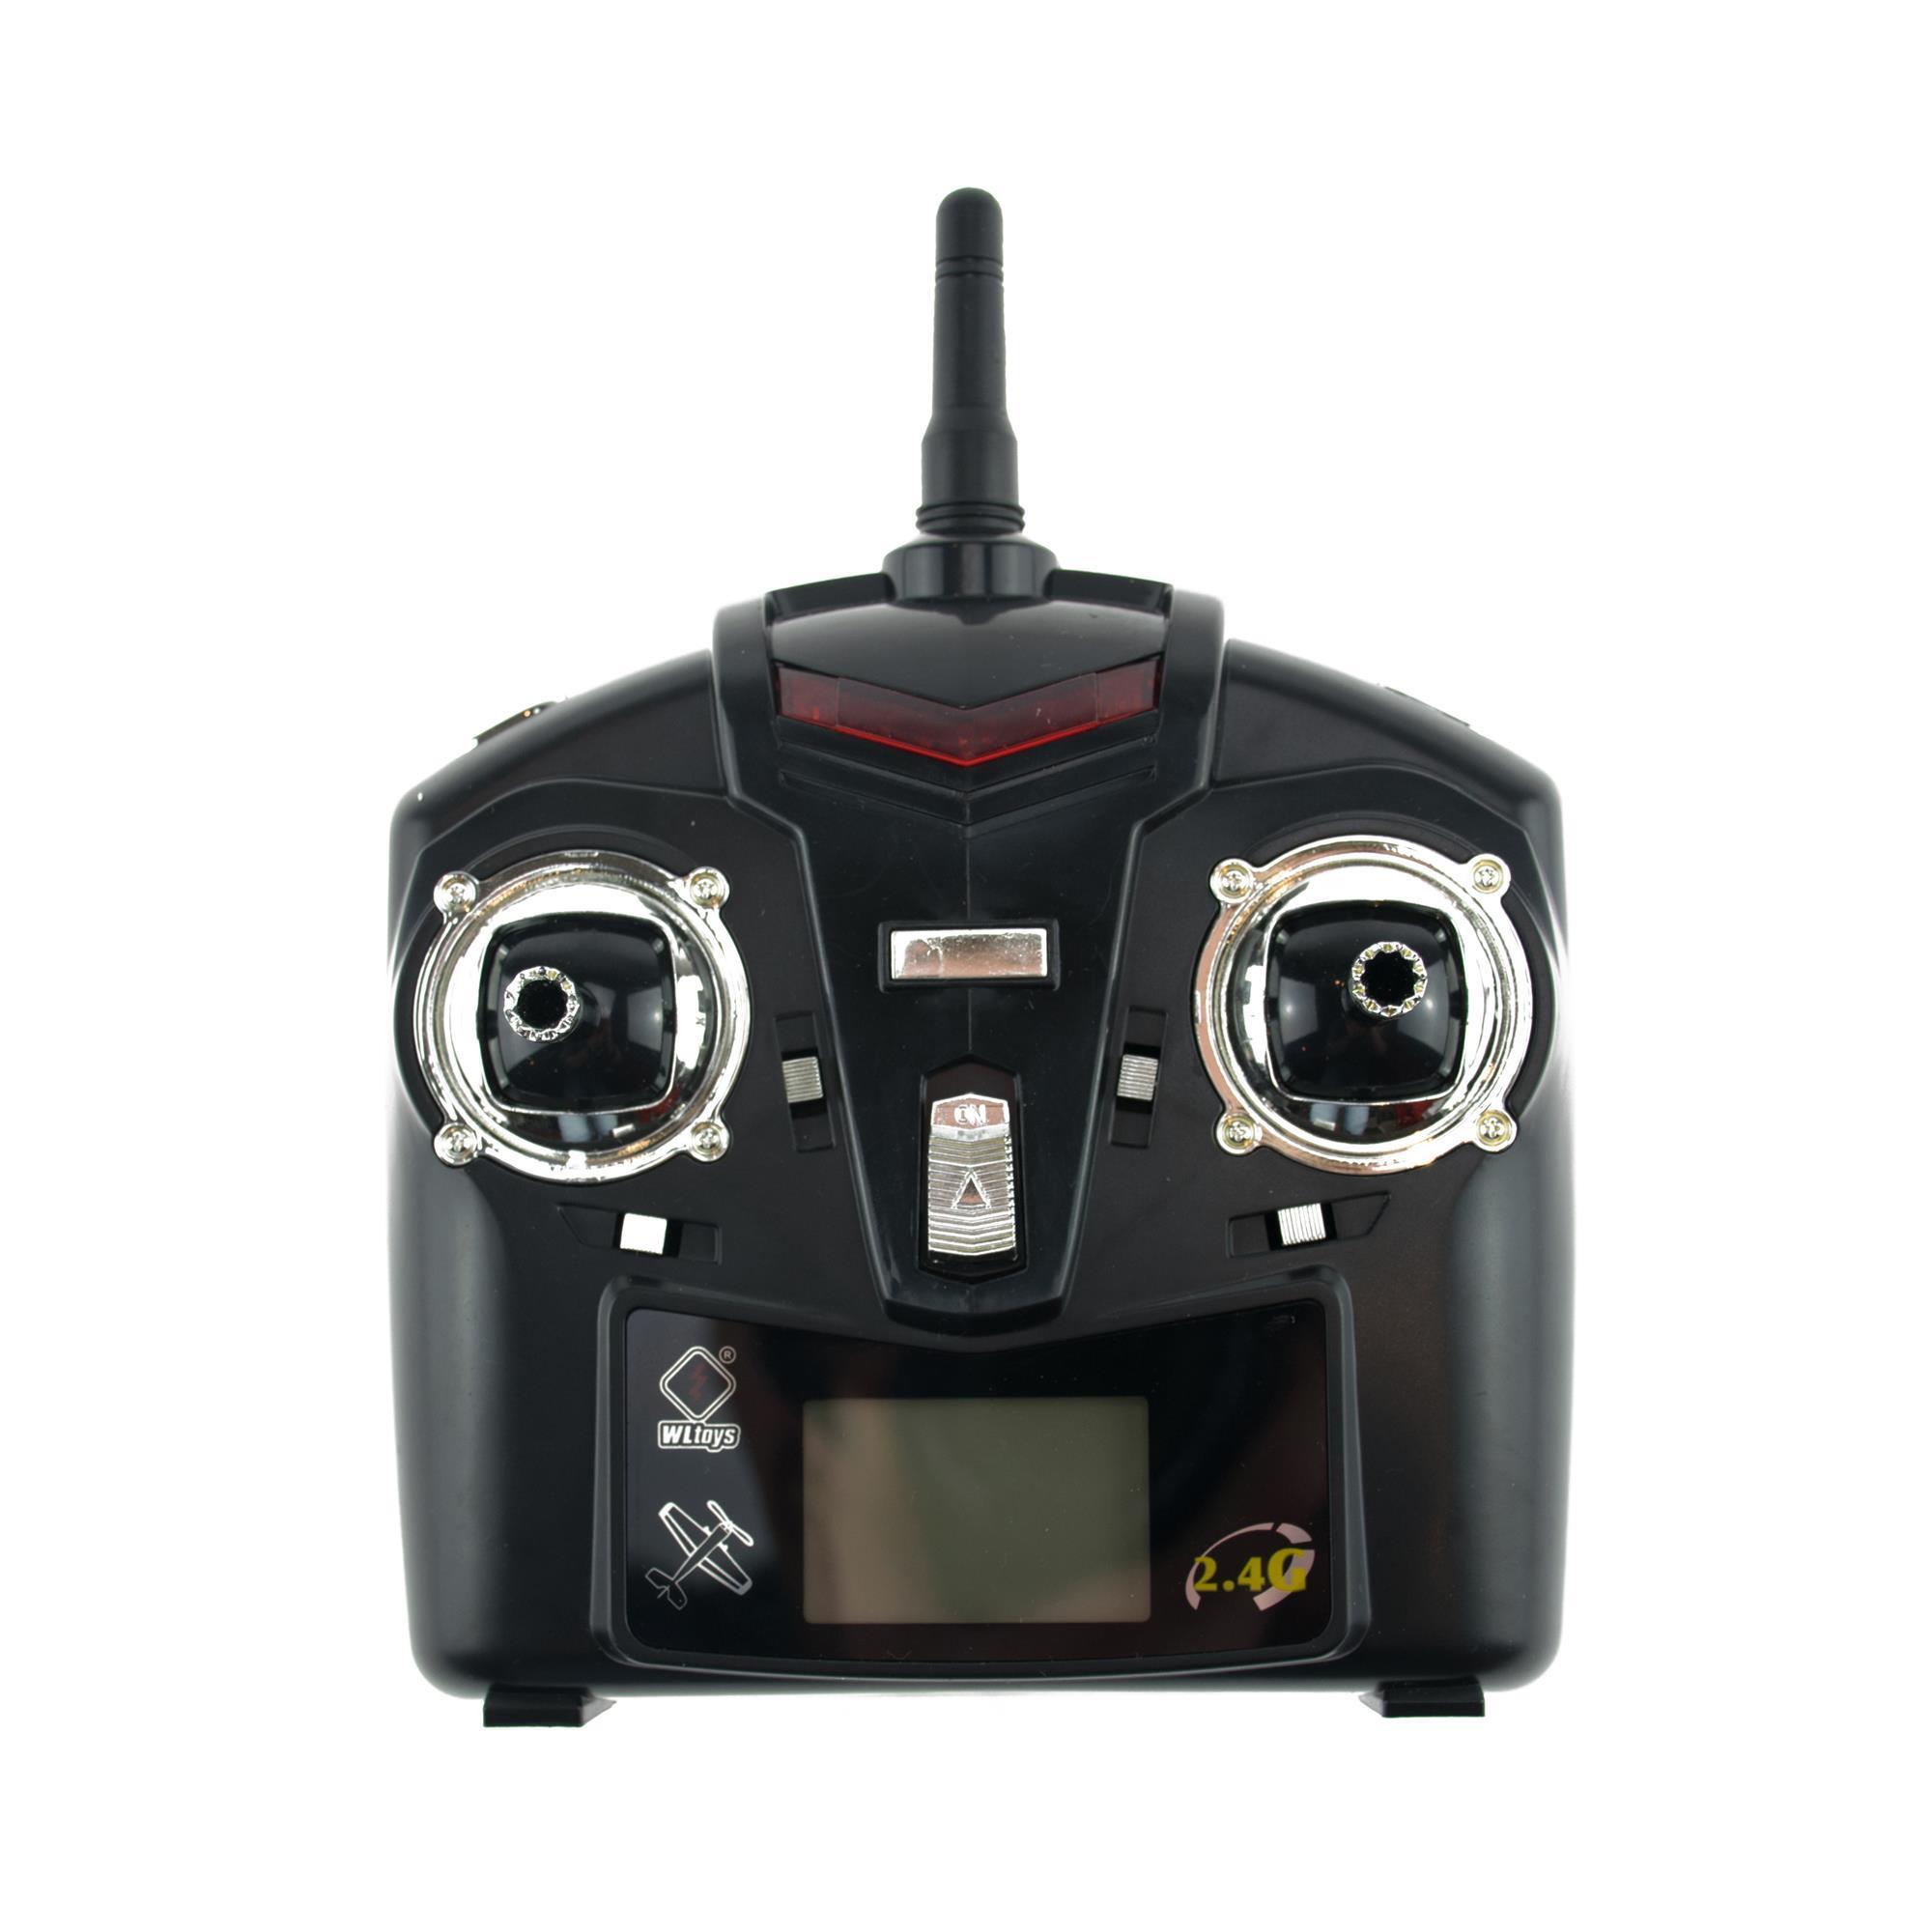 2,4 GHz Fernsteuerung für WL Toys A949,A959,A969,A979 efaso Ersatzteil A949-57